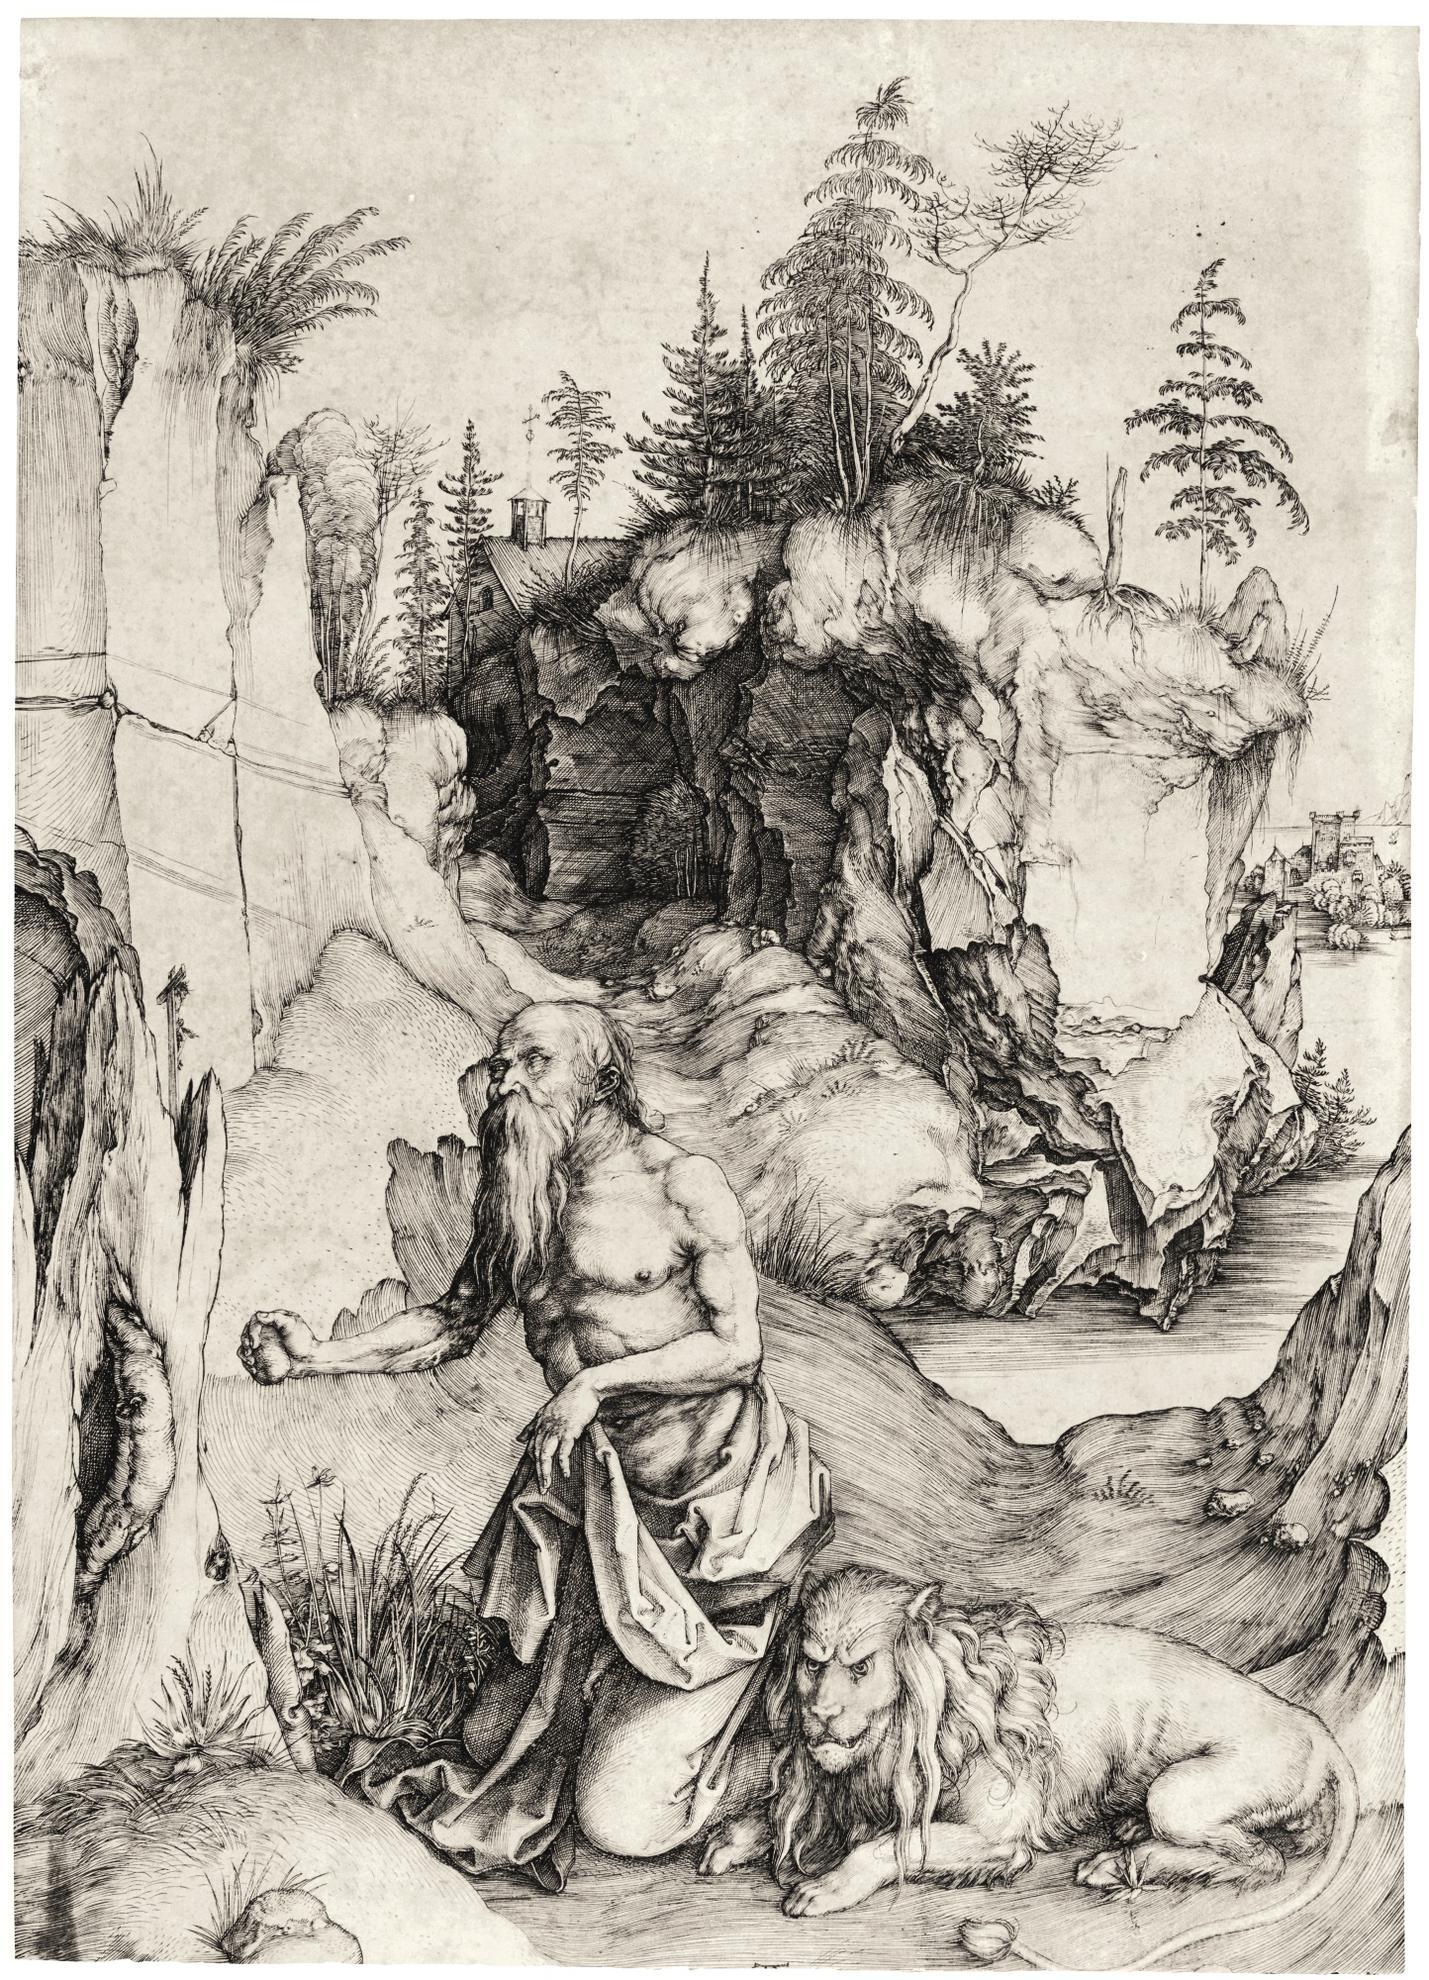 Albrecht Durer-St. Jerome In Penitence (Bartsch 61; Meder, Hollstein 57)-1496